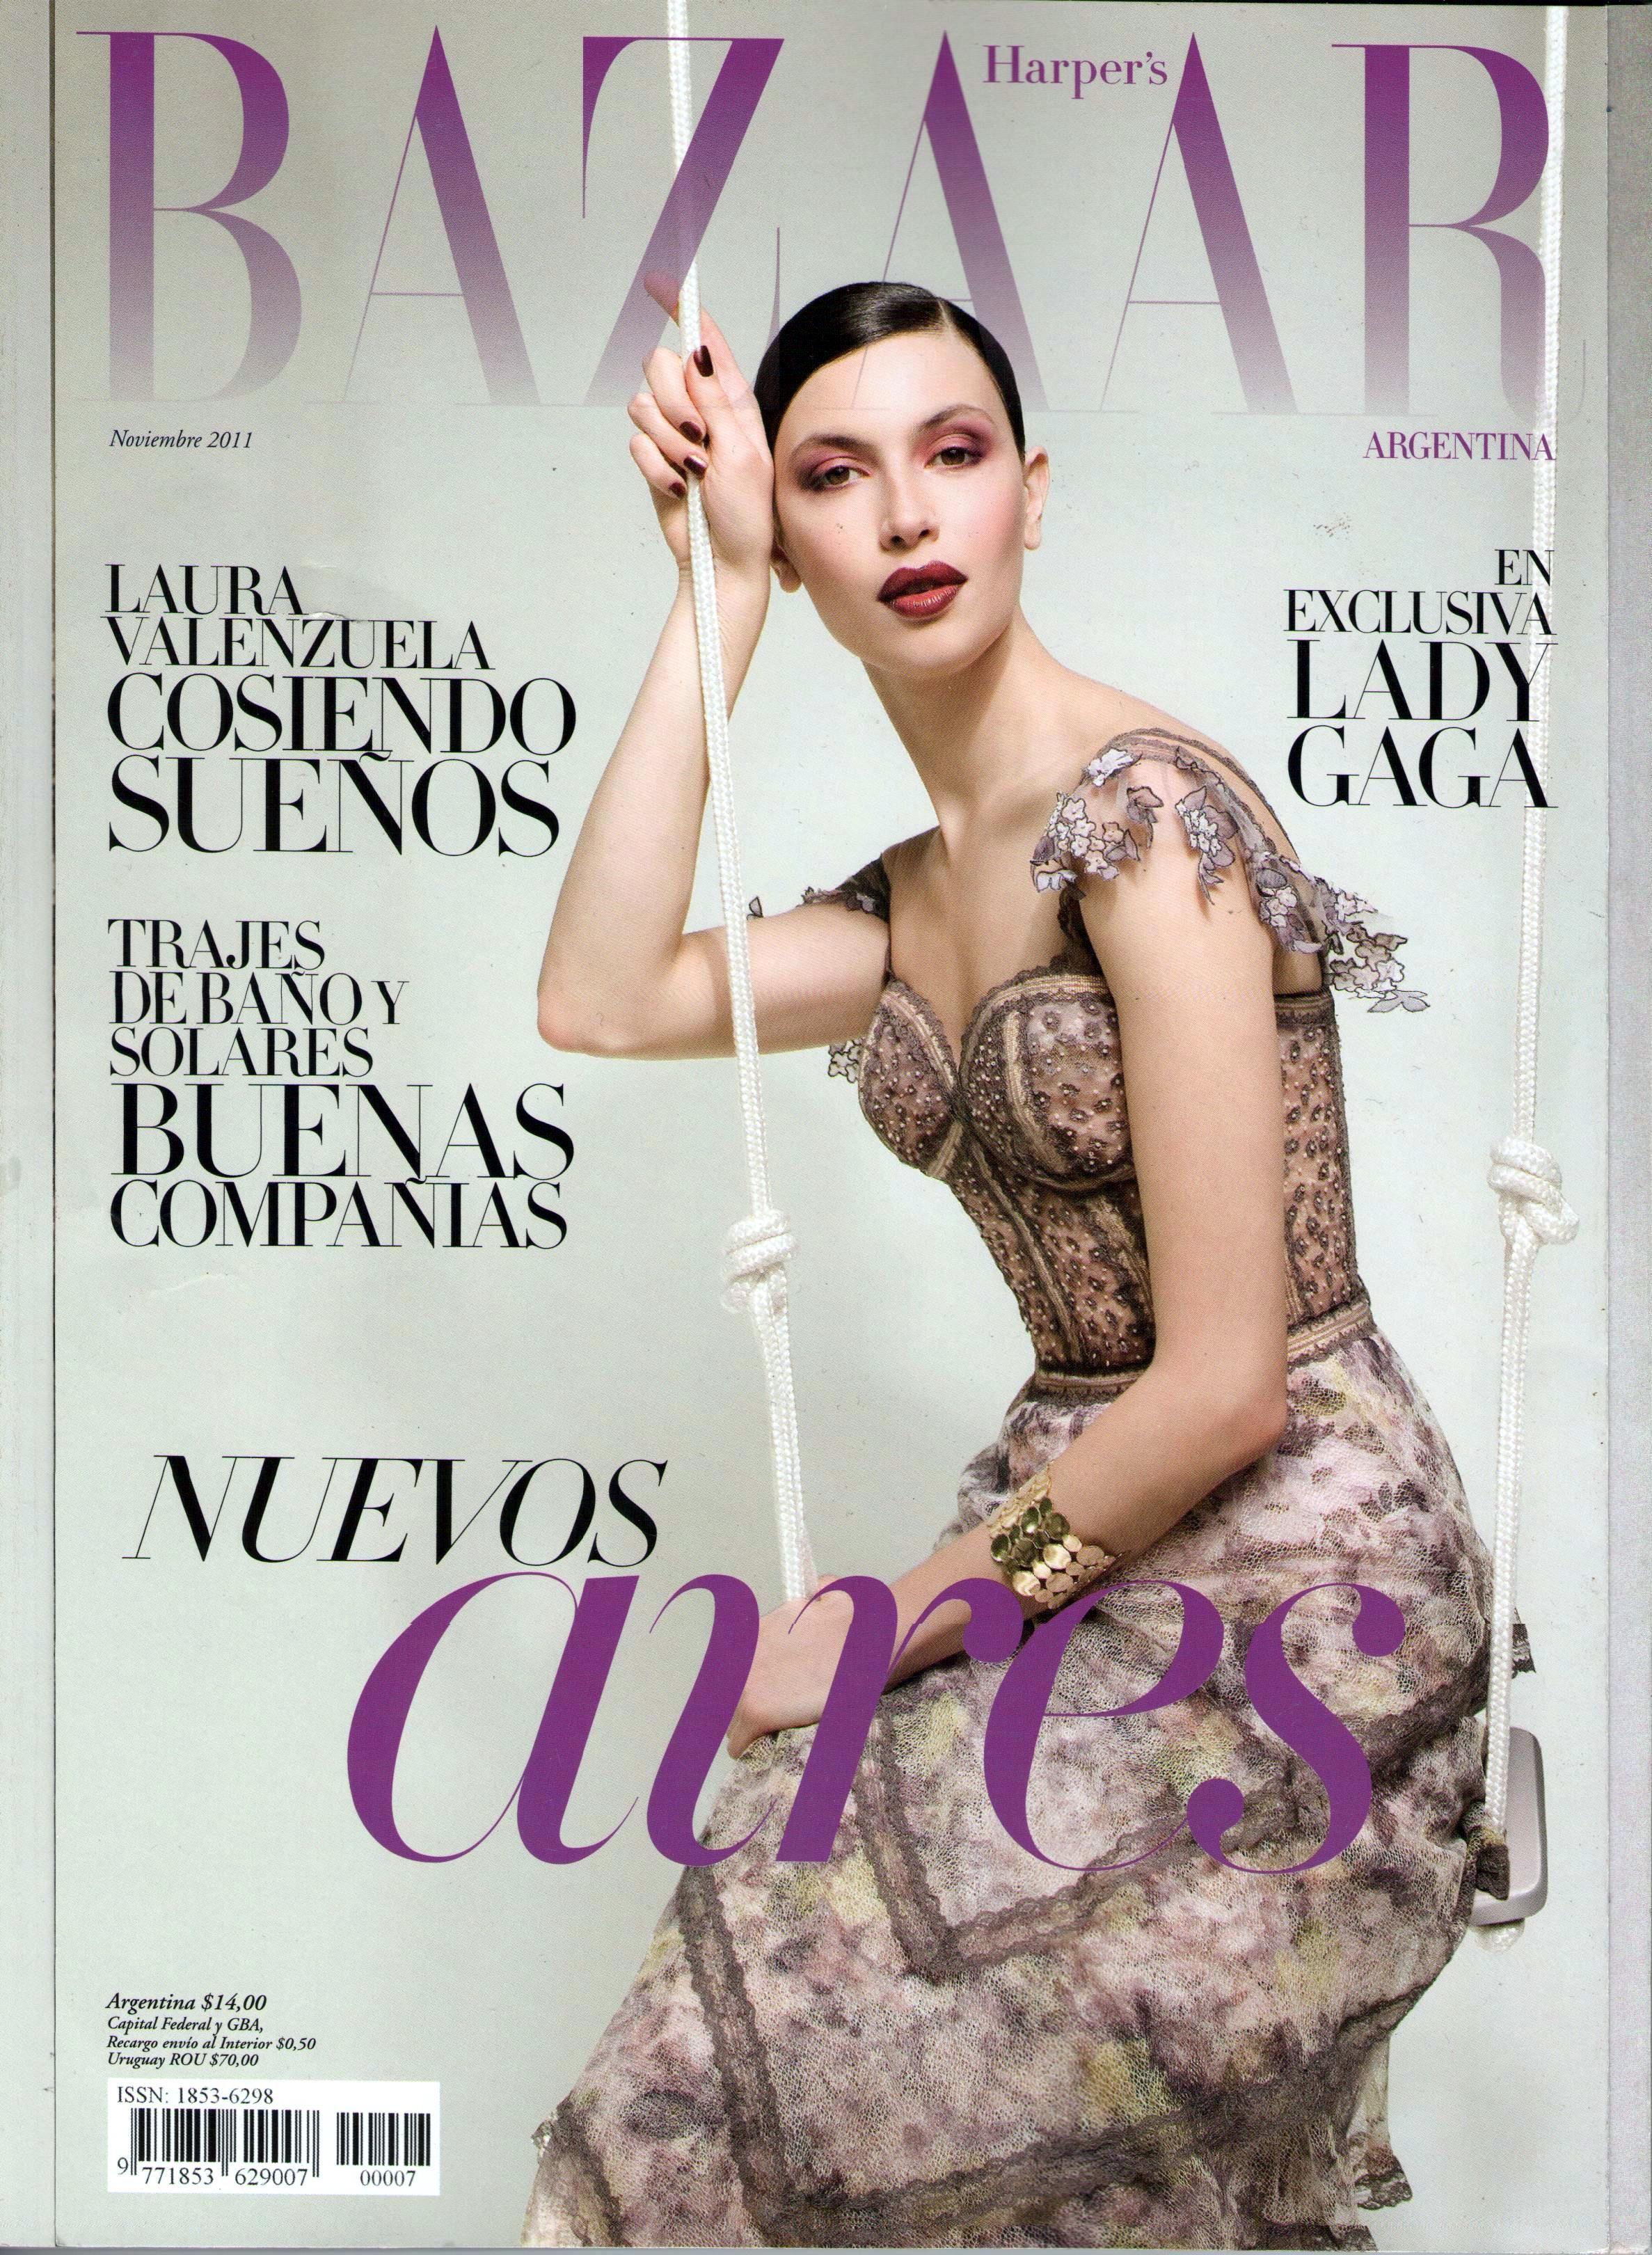 Harper s bazaar y harper s bazaar argentina una revista for Bazar microcentro